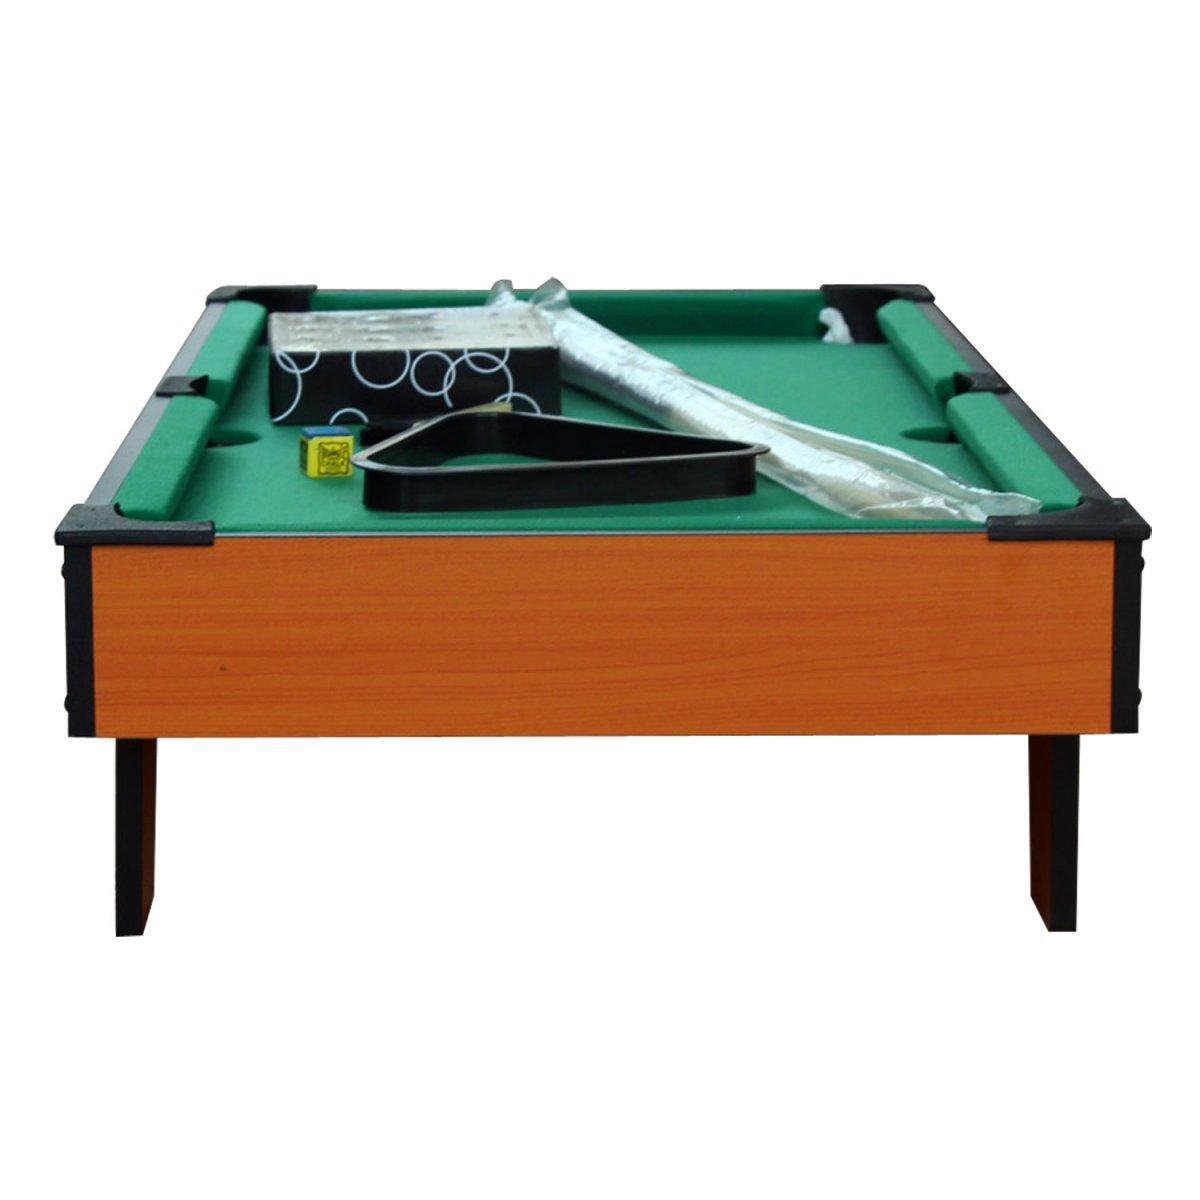 Бильярдный стол DFC PIRATE мини в Москве 78001001185 купить 3